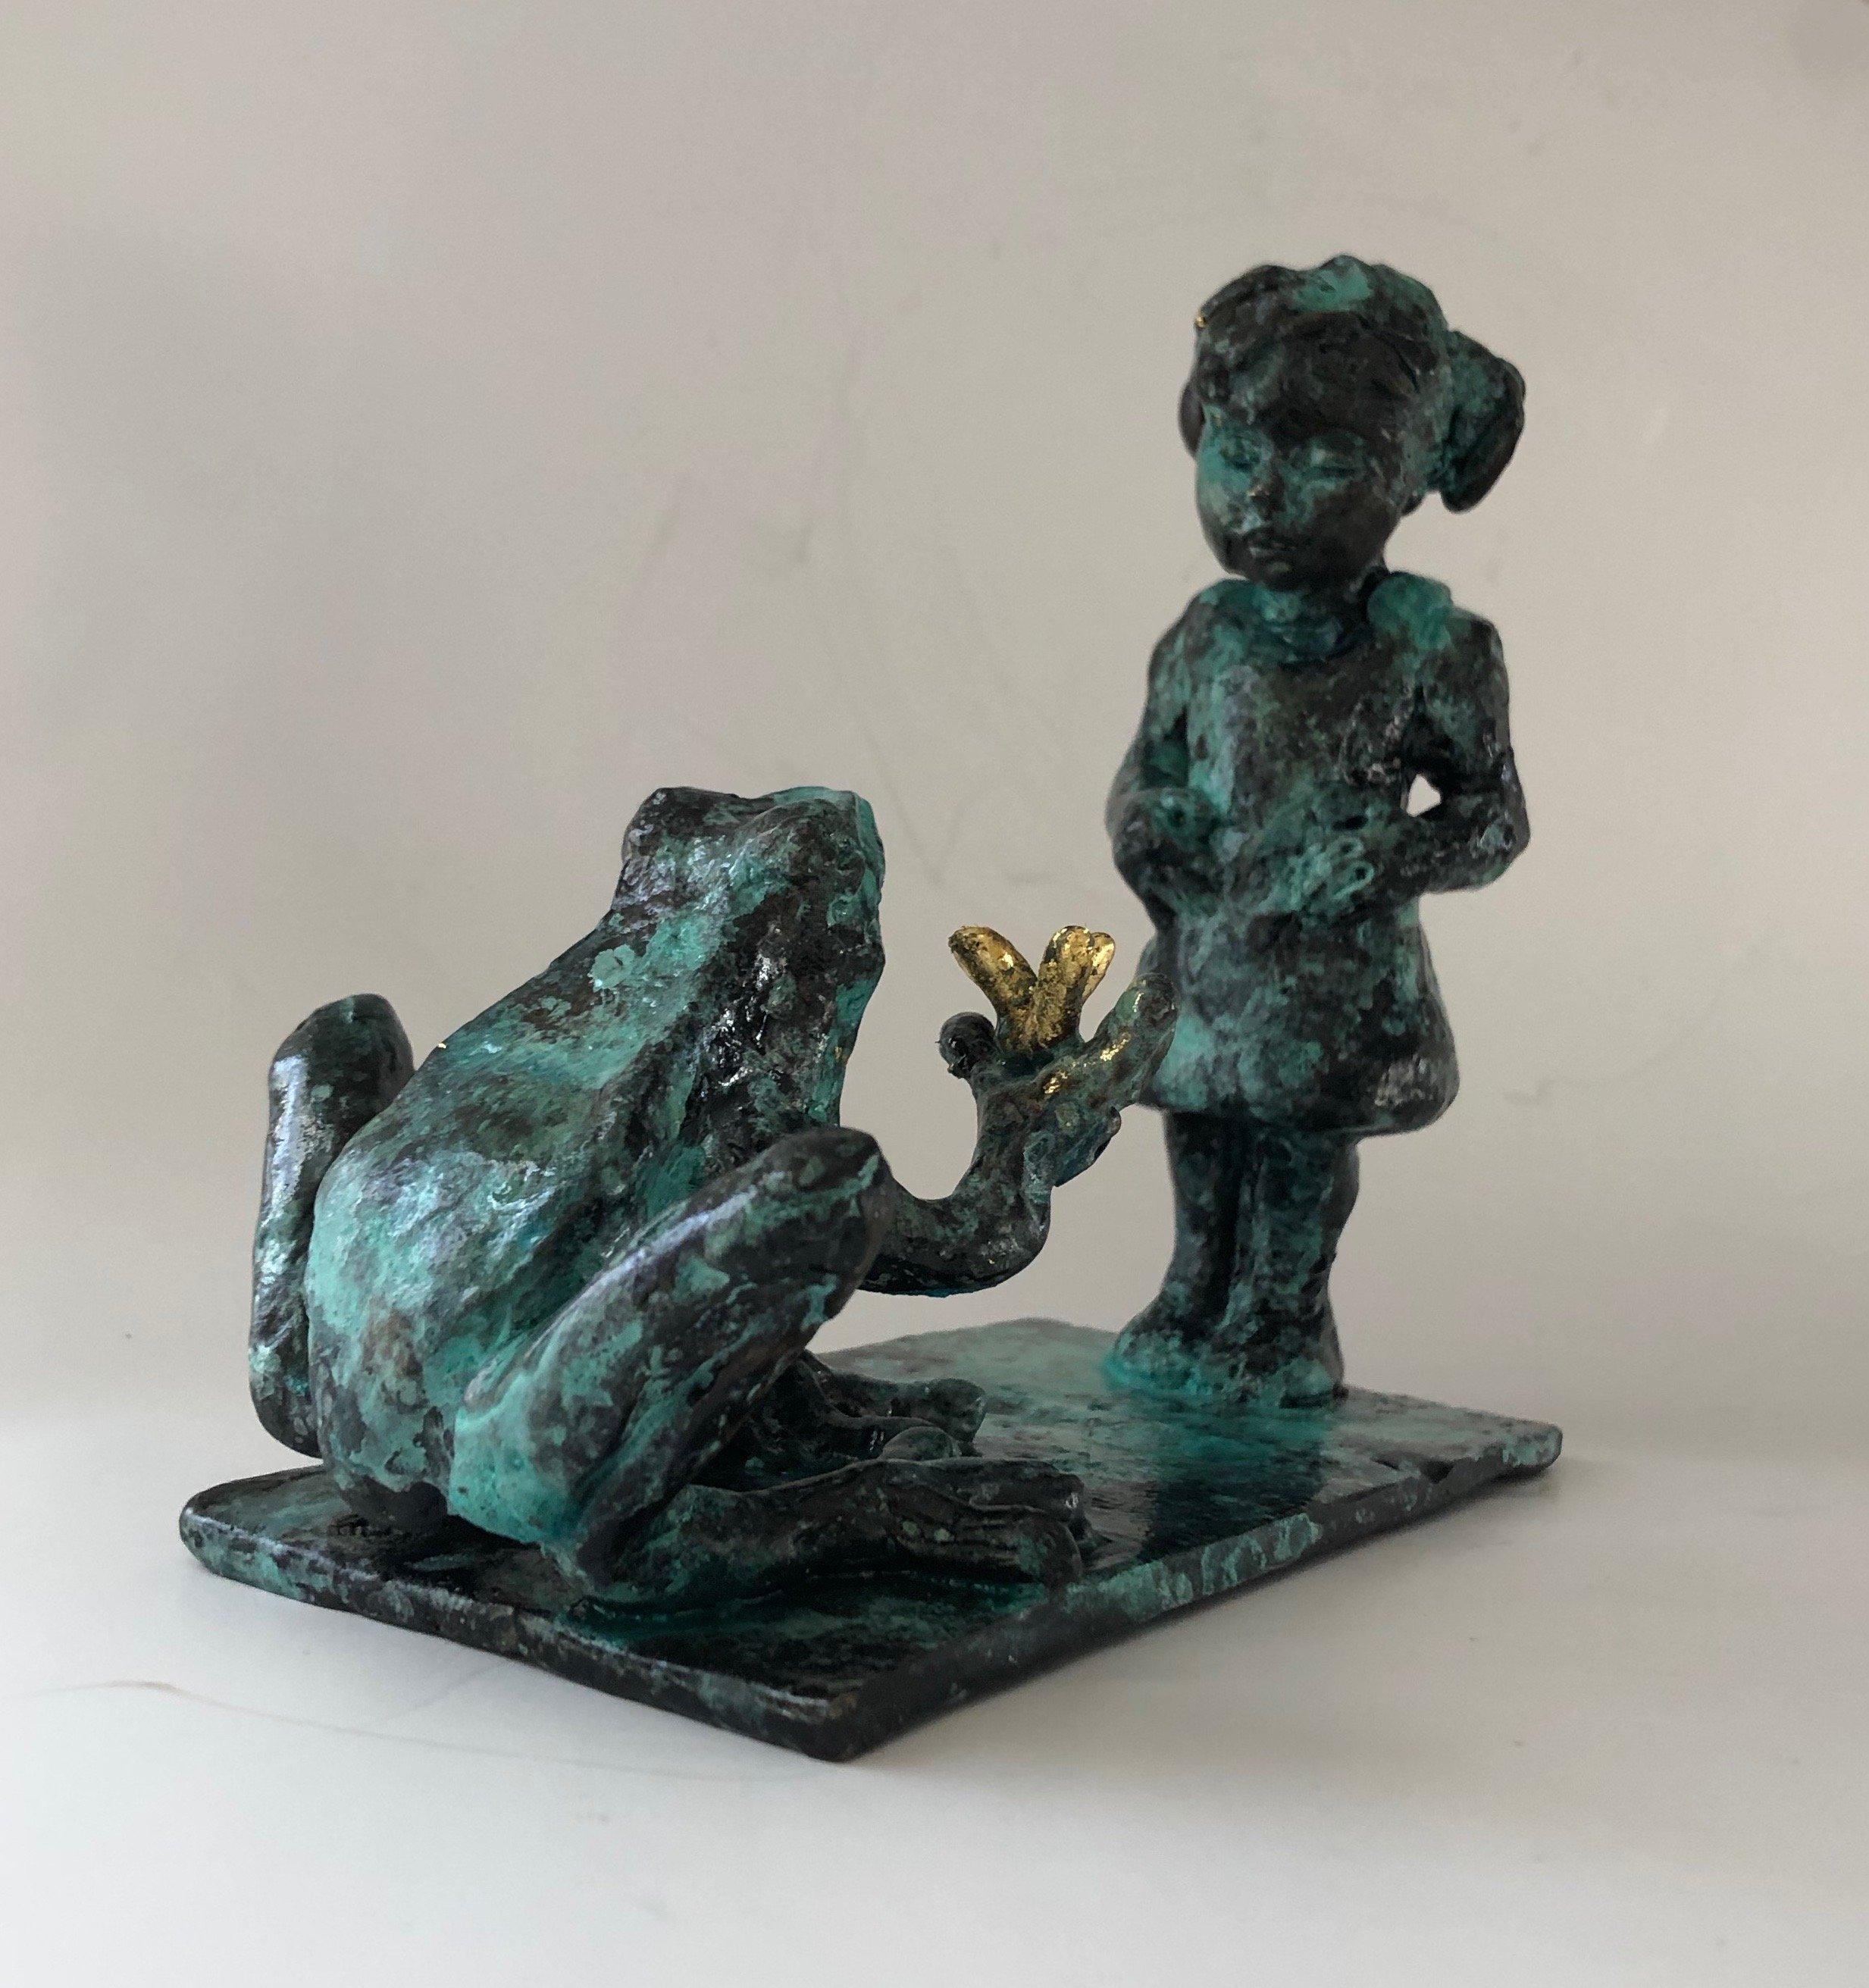 sculpture, bronze, frog, girl, magic realism